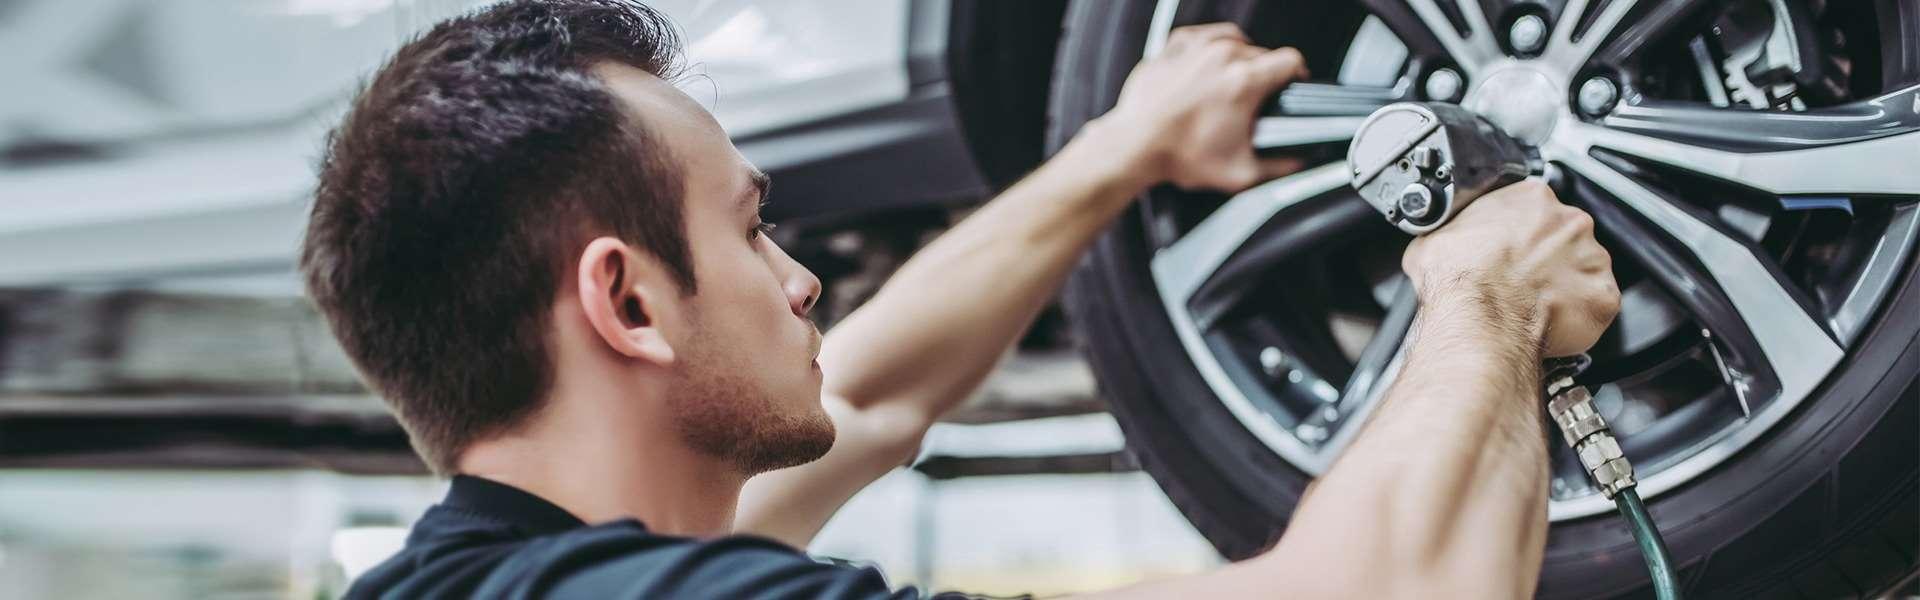 Выгодные условия шиномонтажа в сети СТО Богдан-Авто Холдинг